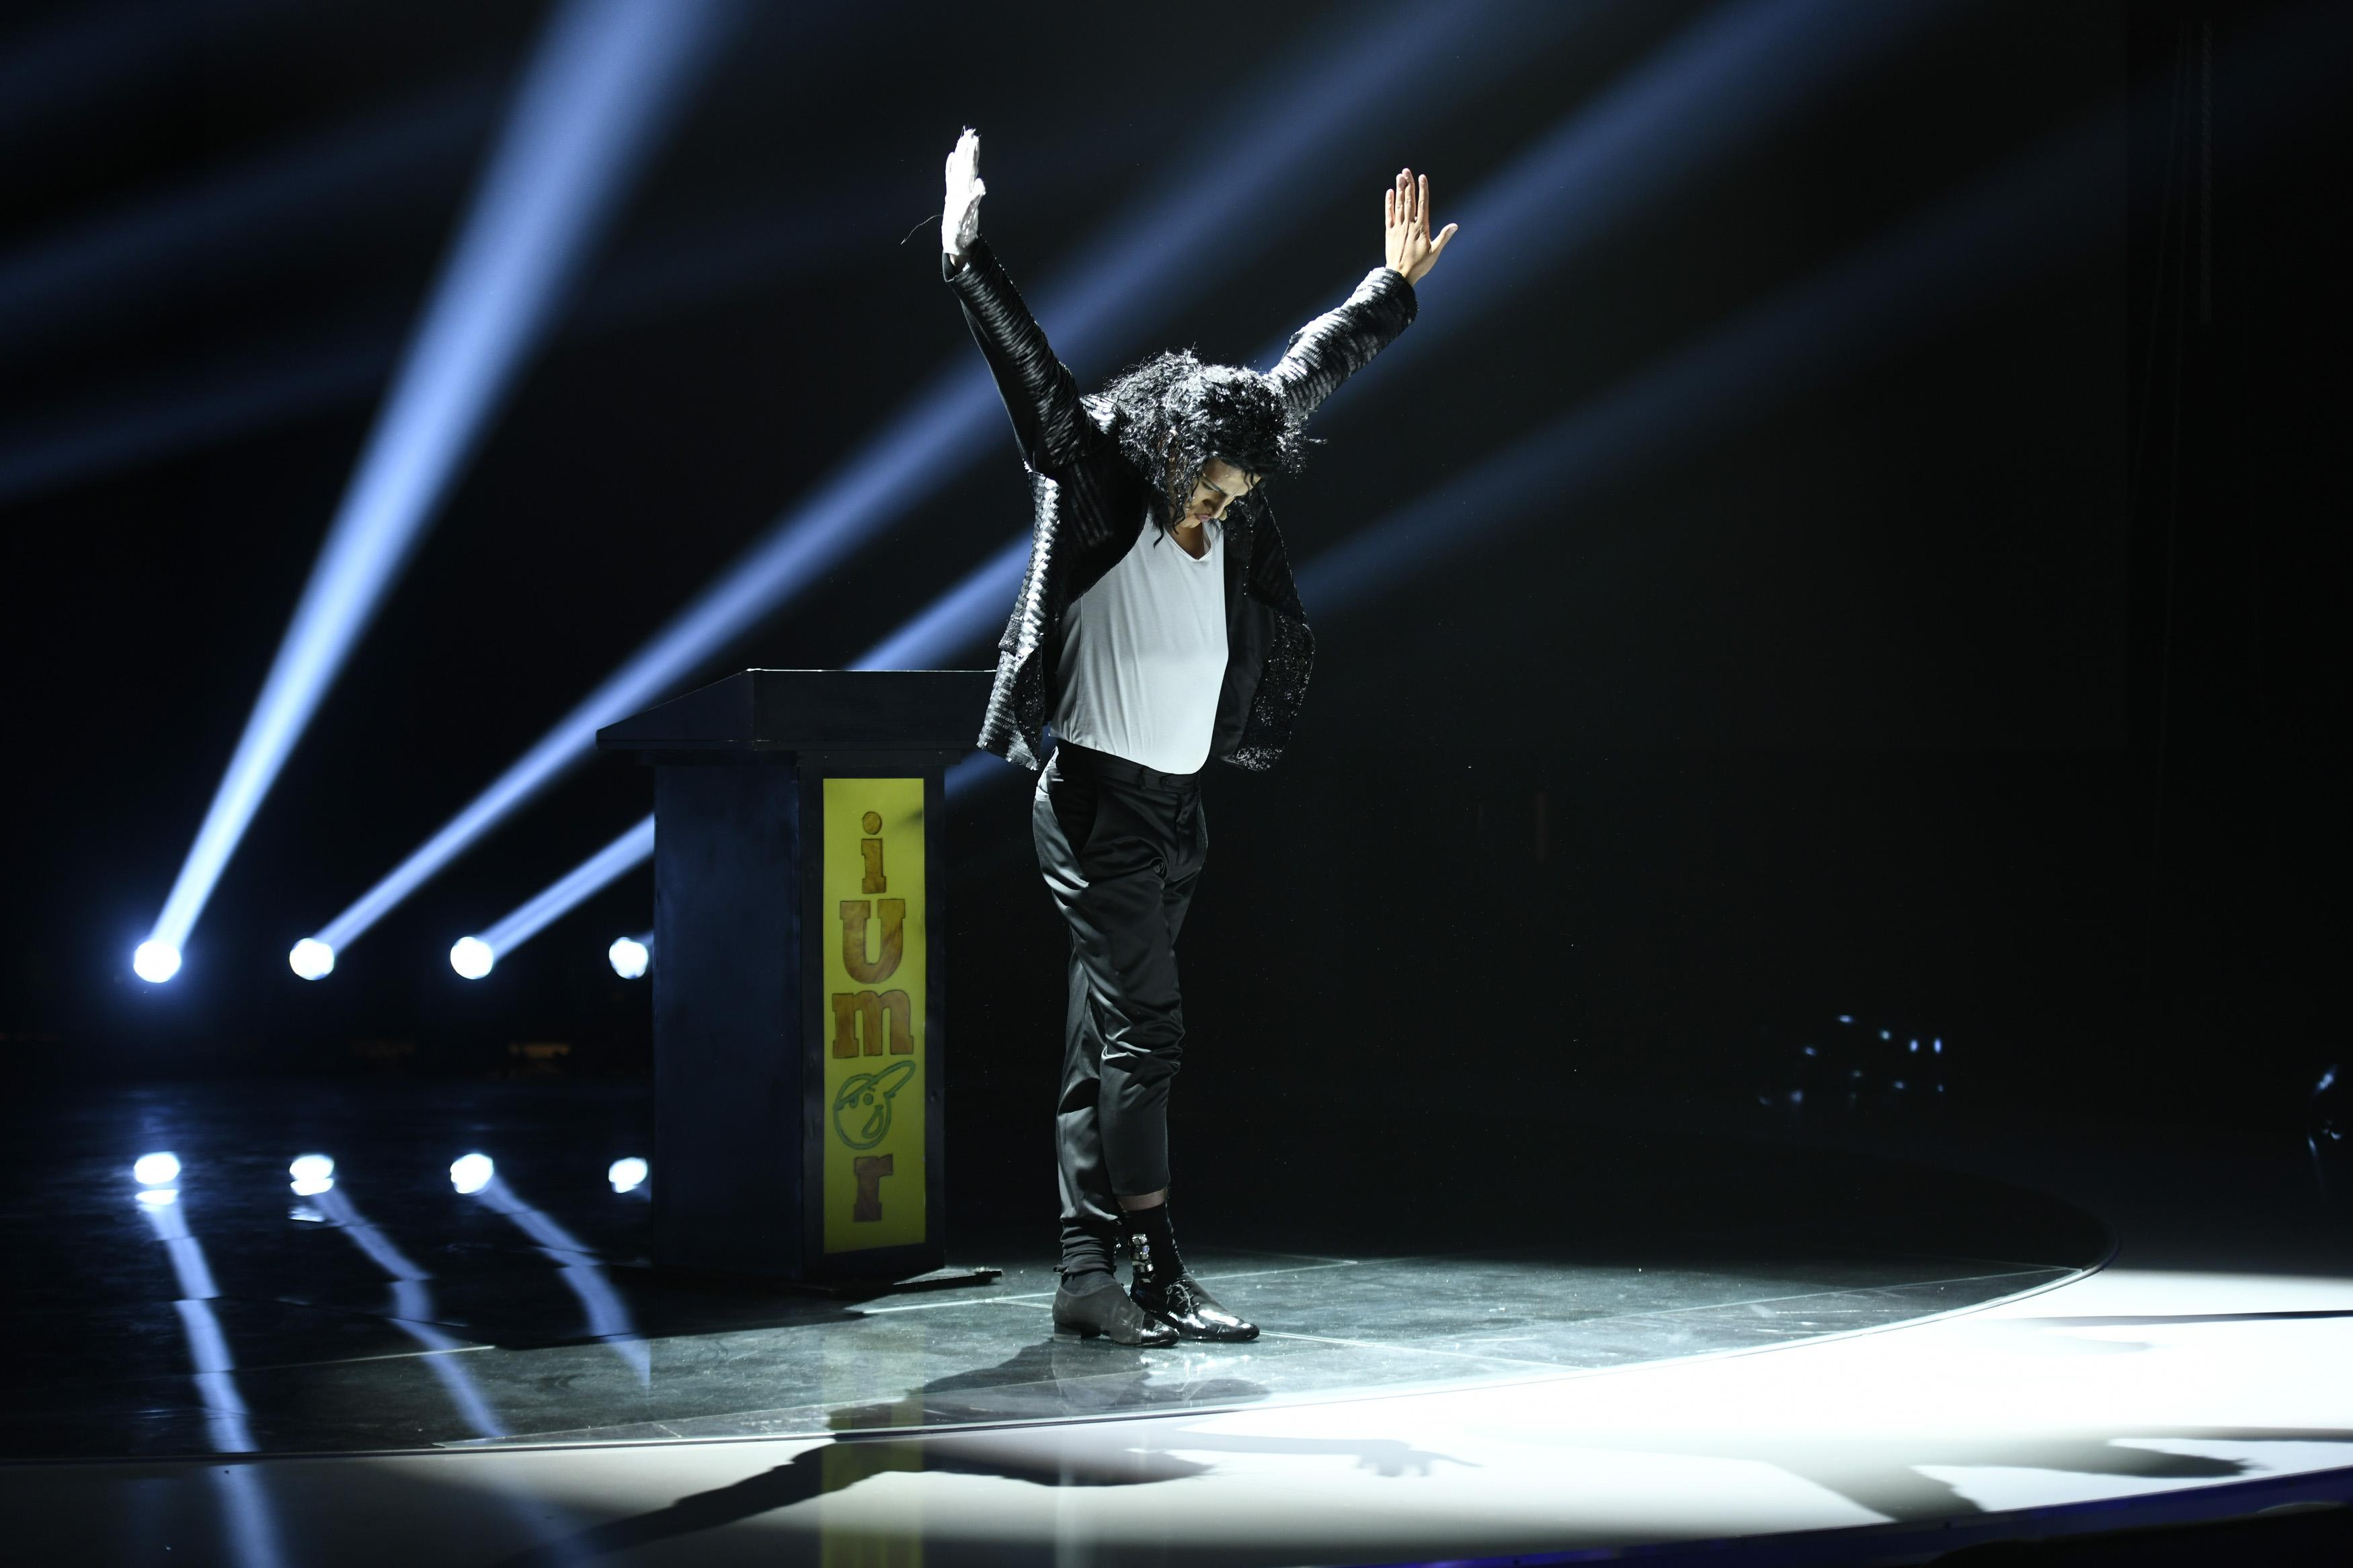 George Tănase intră în pielea lui Michael Jackson pentru un roast istoric la iUmor